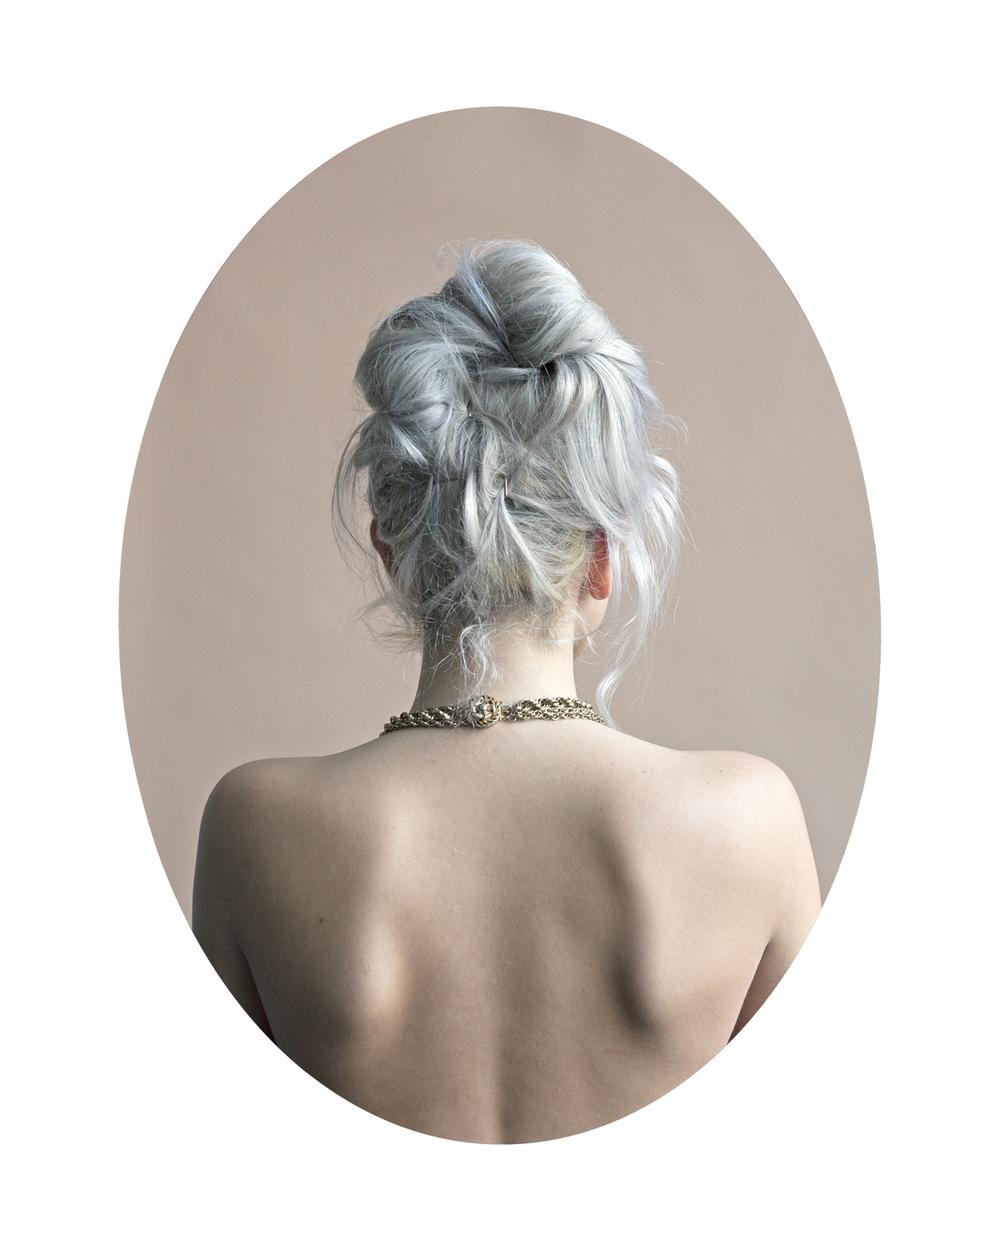 Devon (Silver) from the series A Modern Hair Study, Tara Bogart